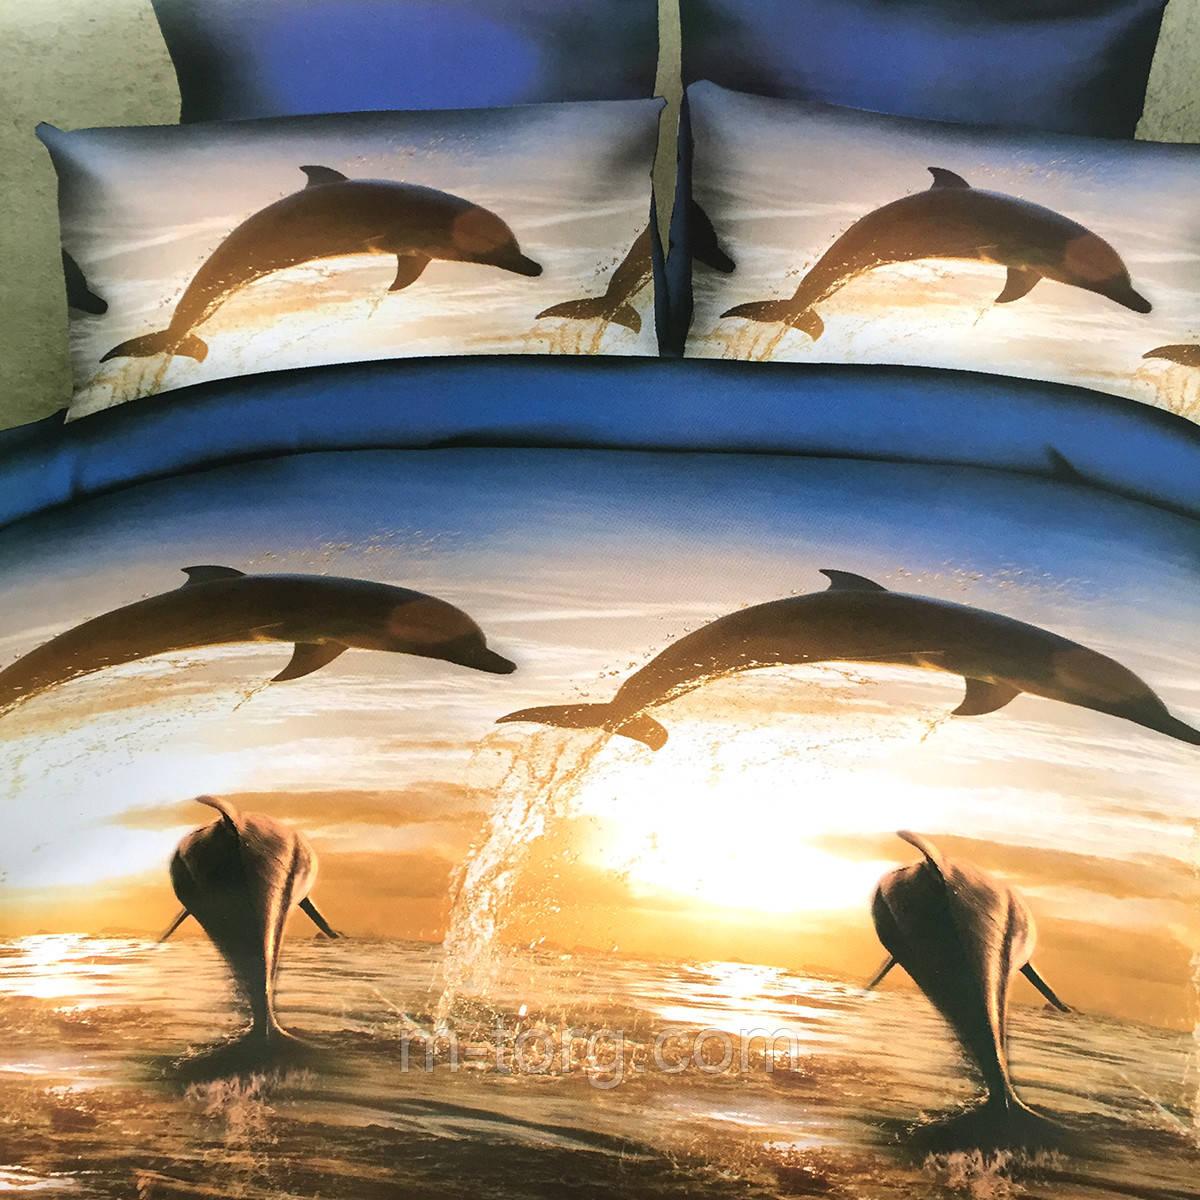 Комплект постельного белья евро размер 200/220,простынь 220/240,нав-ки 70/70,ткань поплин 100% хлопок тигры